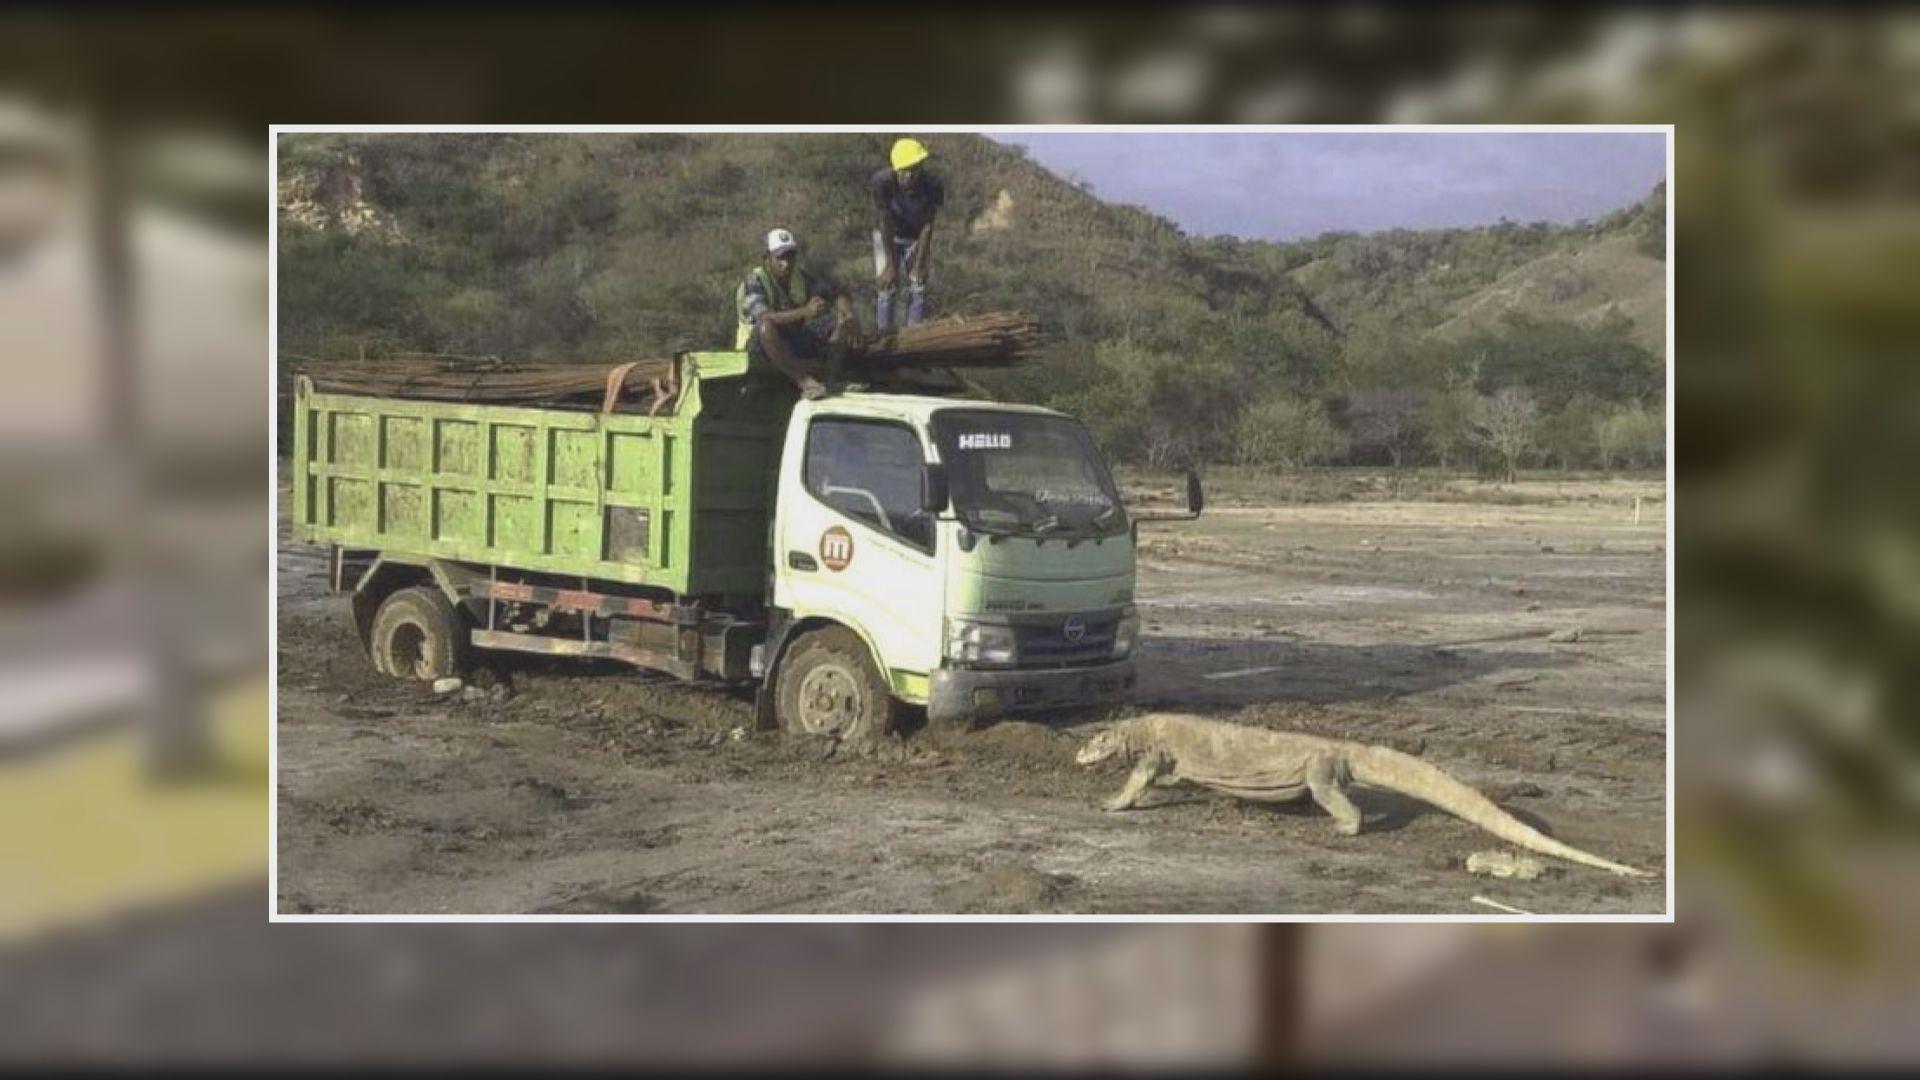 【捍衛家園】科莫多龍阻擋工程車照片引起環保爭議